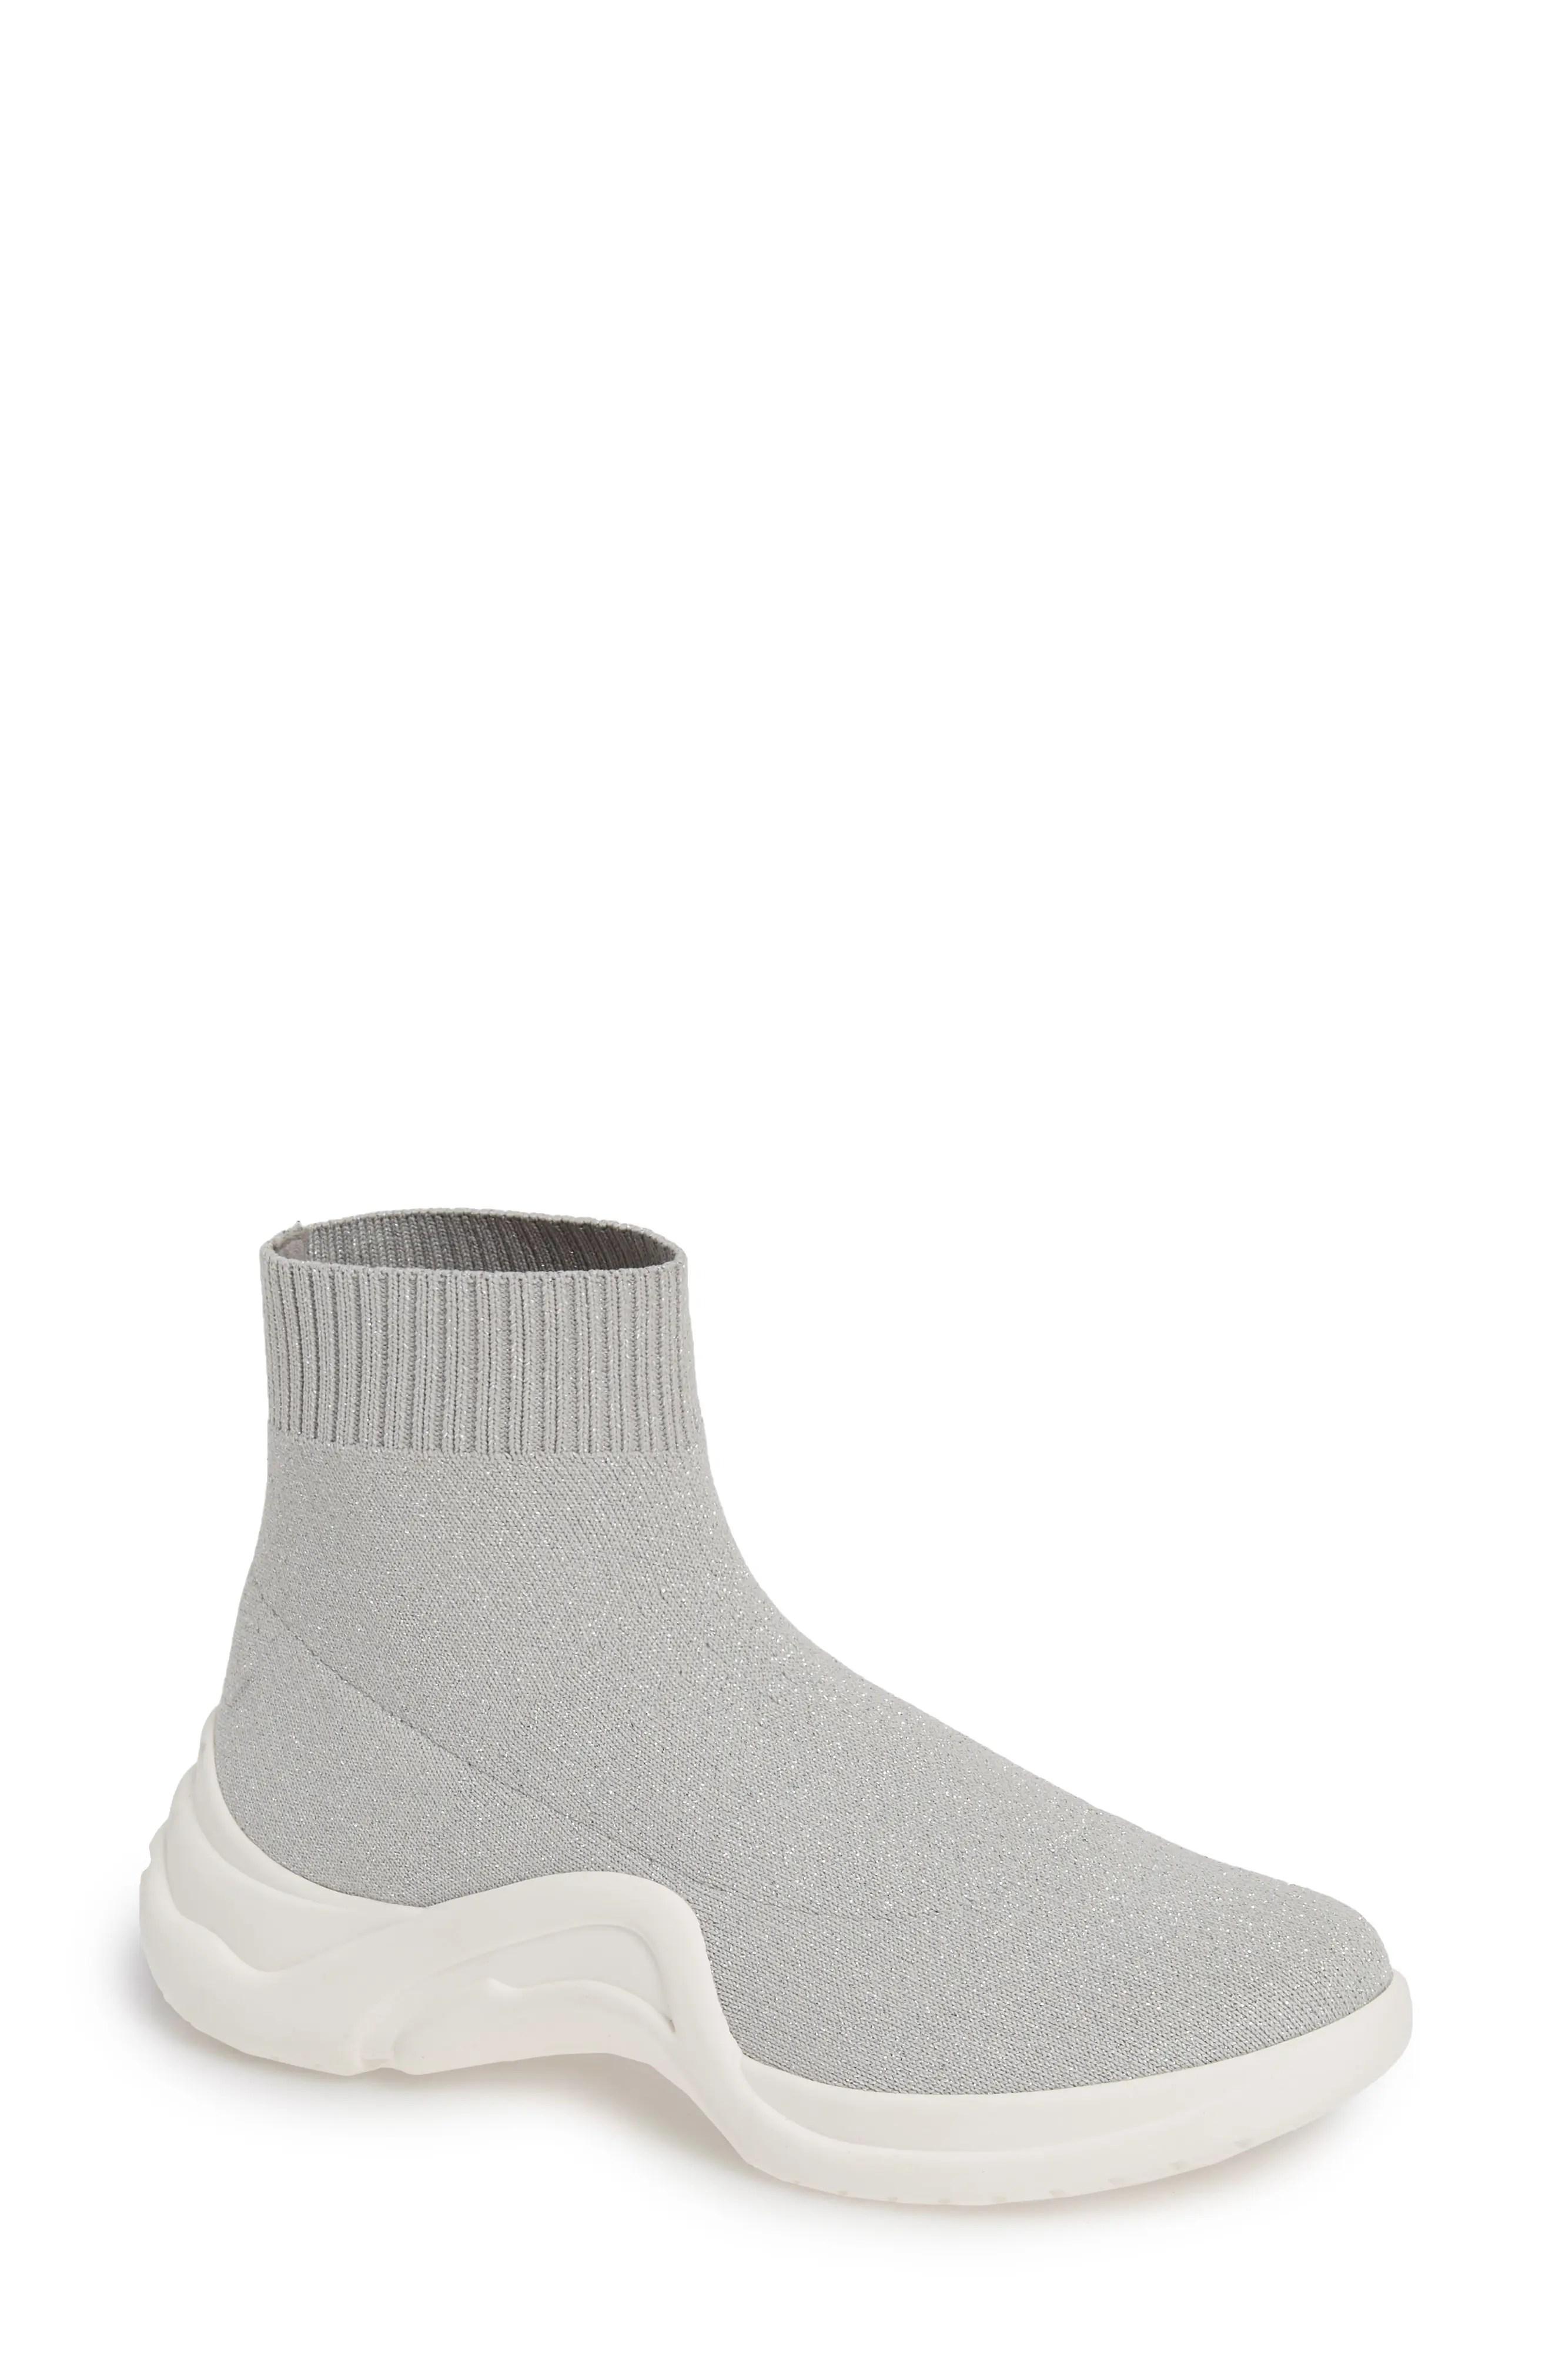 linea paolo gale sock like sneaker nordstrom rack